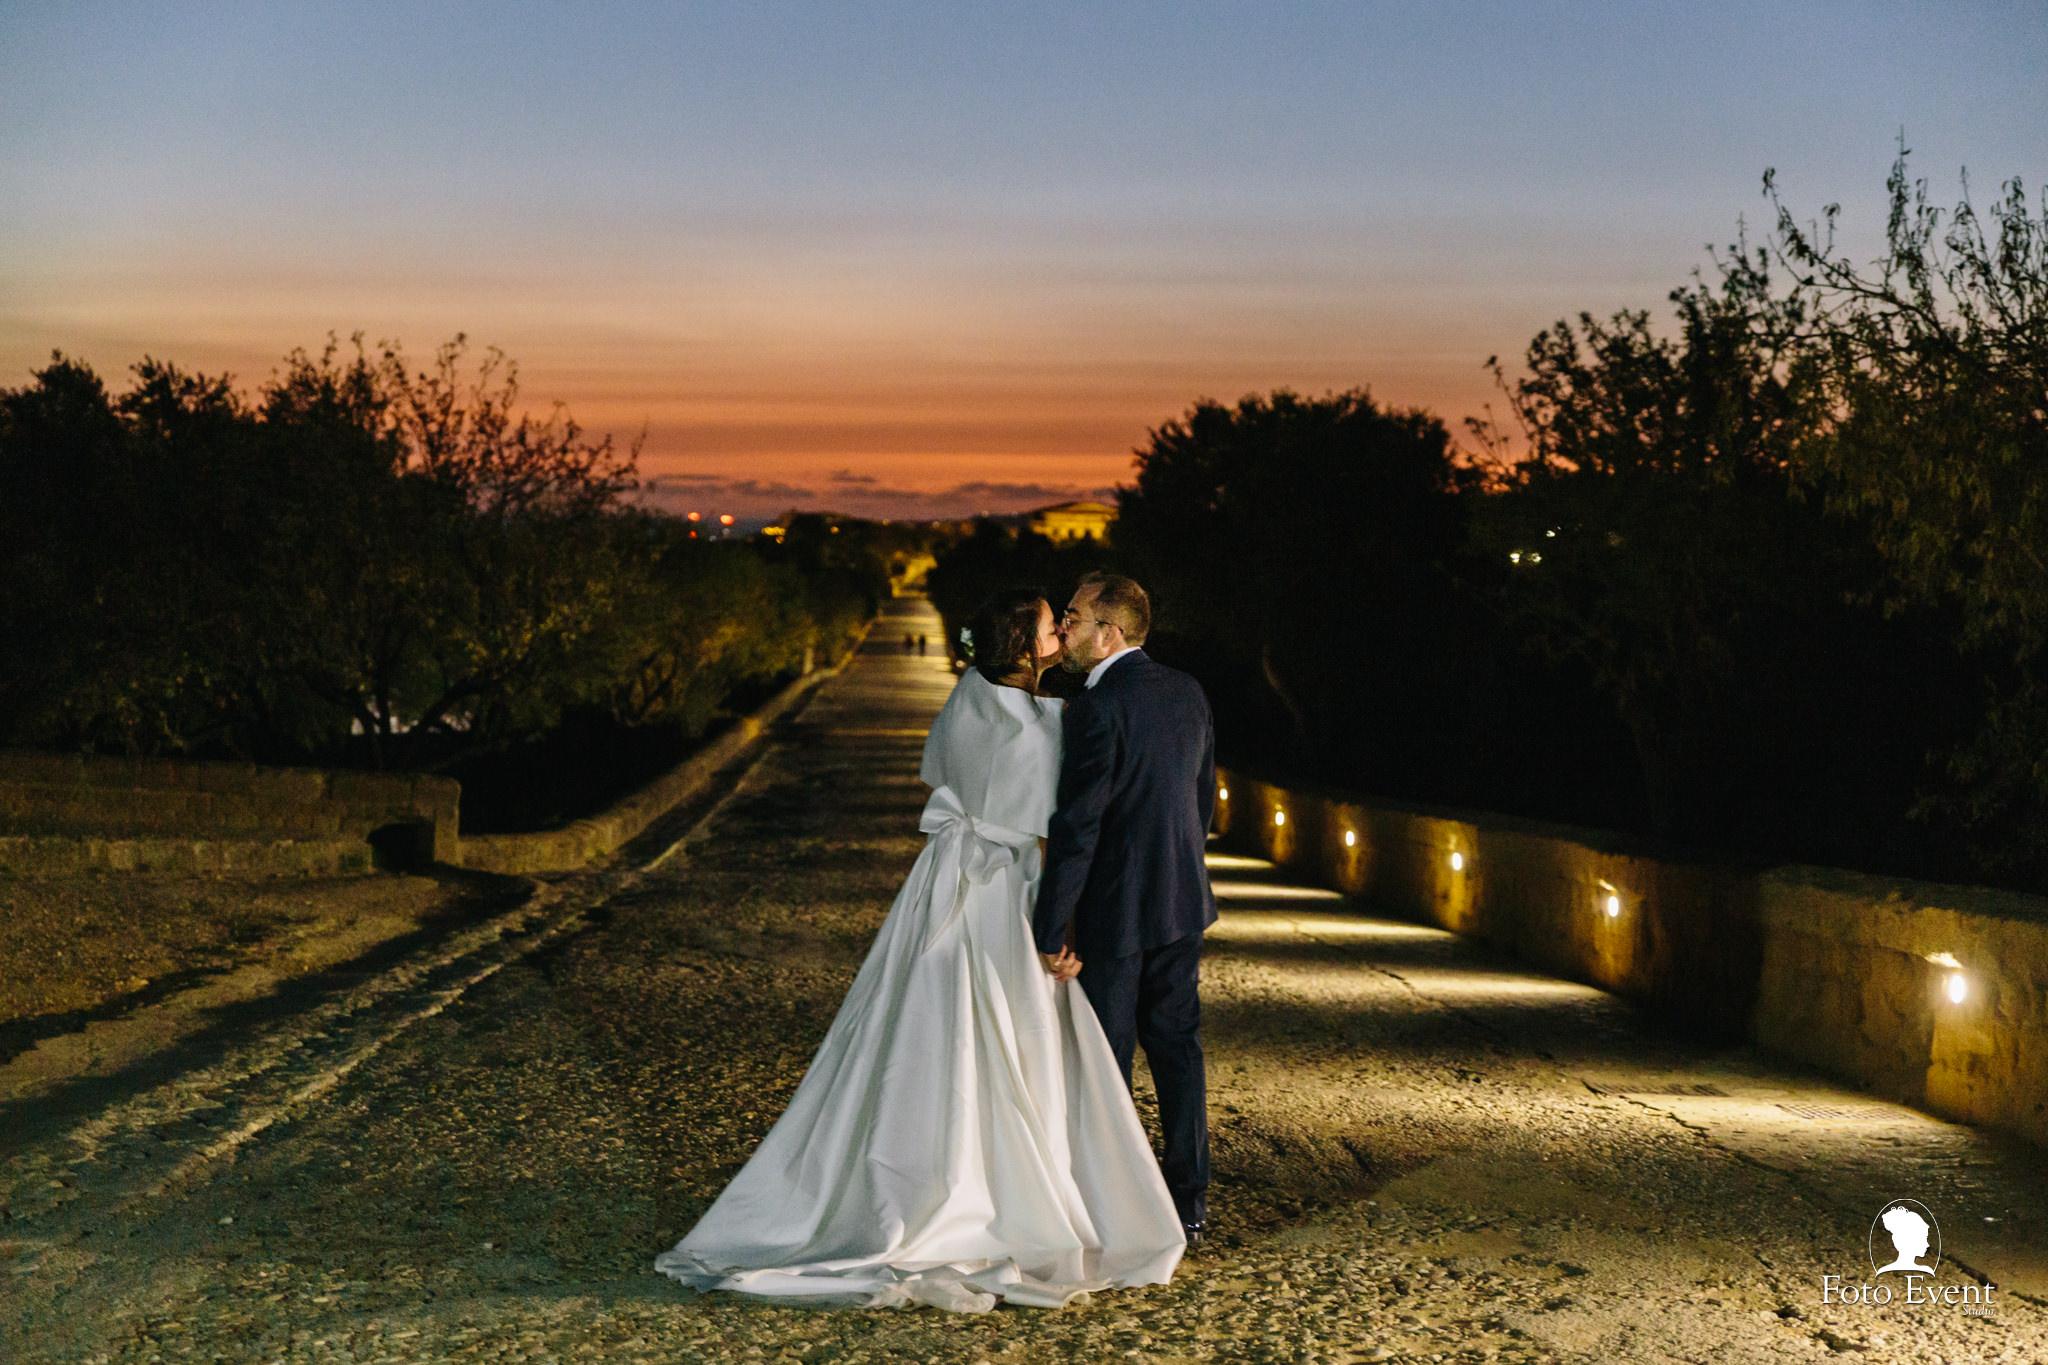 049-2020-10-15-Matrimonio-Noemi-e-Salvatore-Paterno-5DE-2018